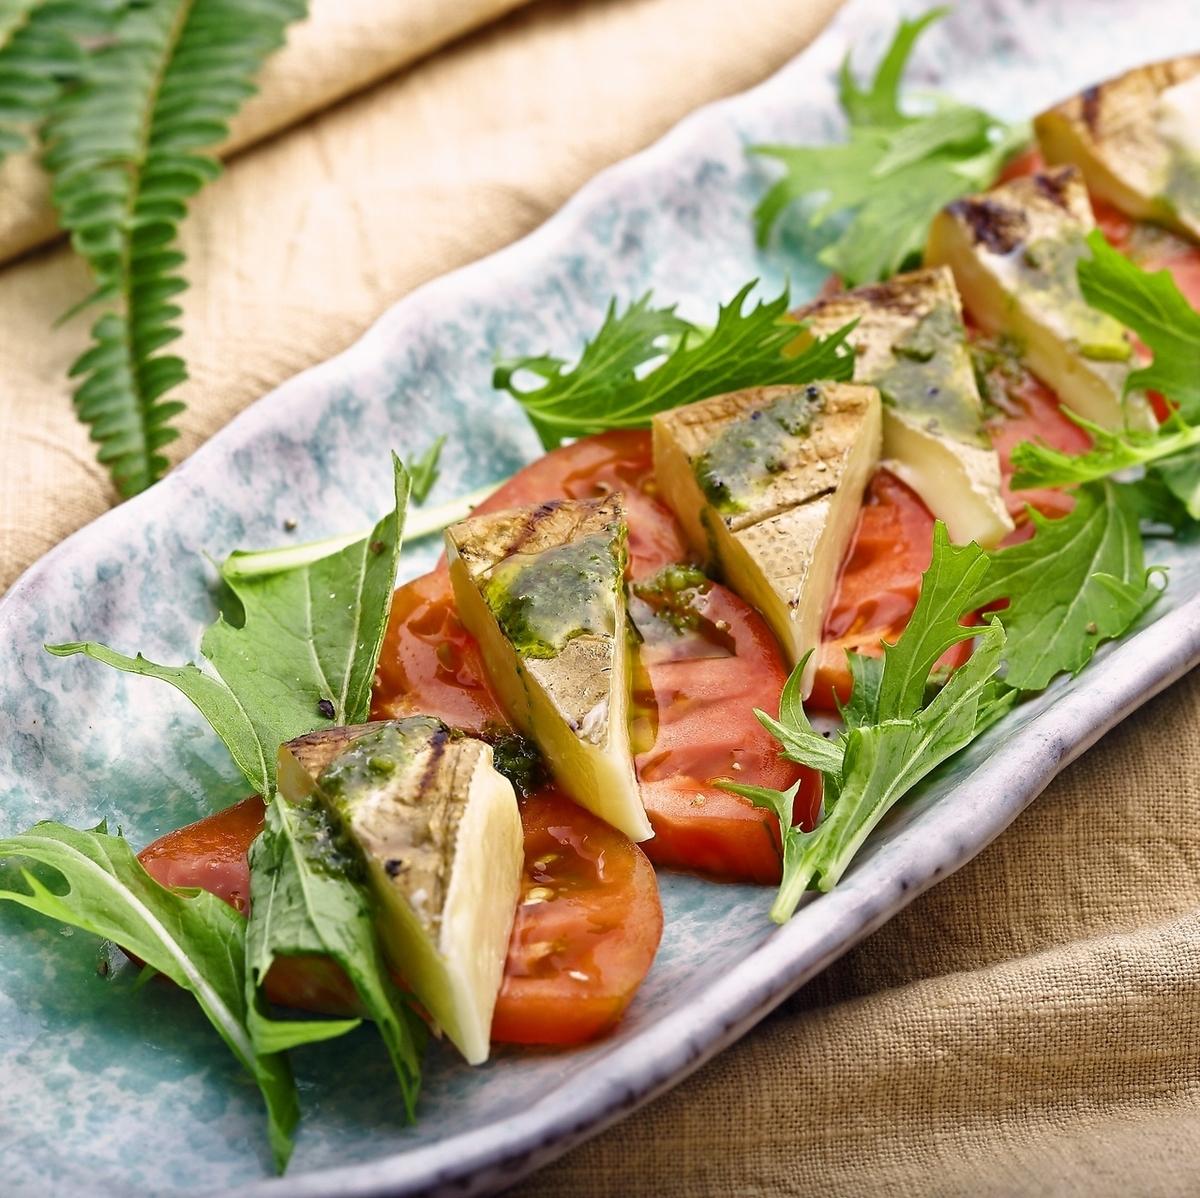 과일 토마토와 藁燻 카망베르 카프 레세